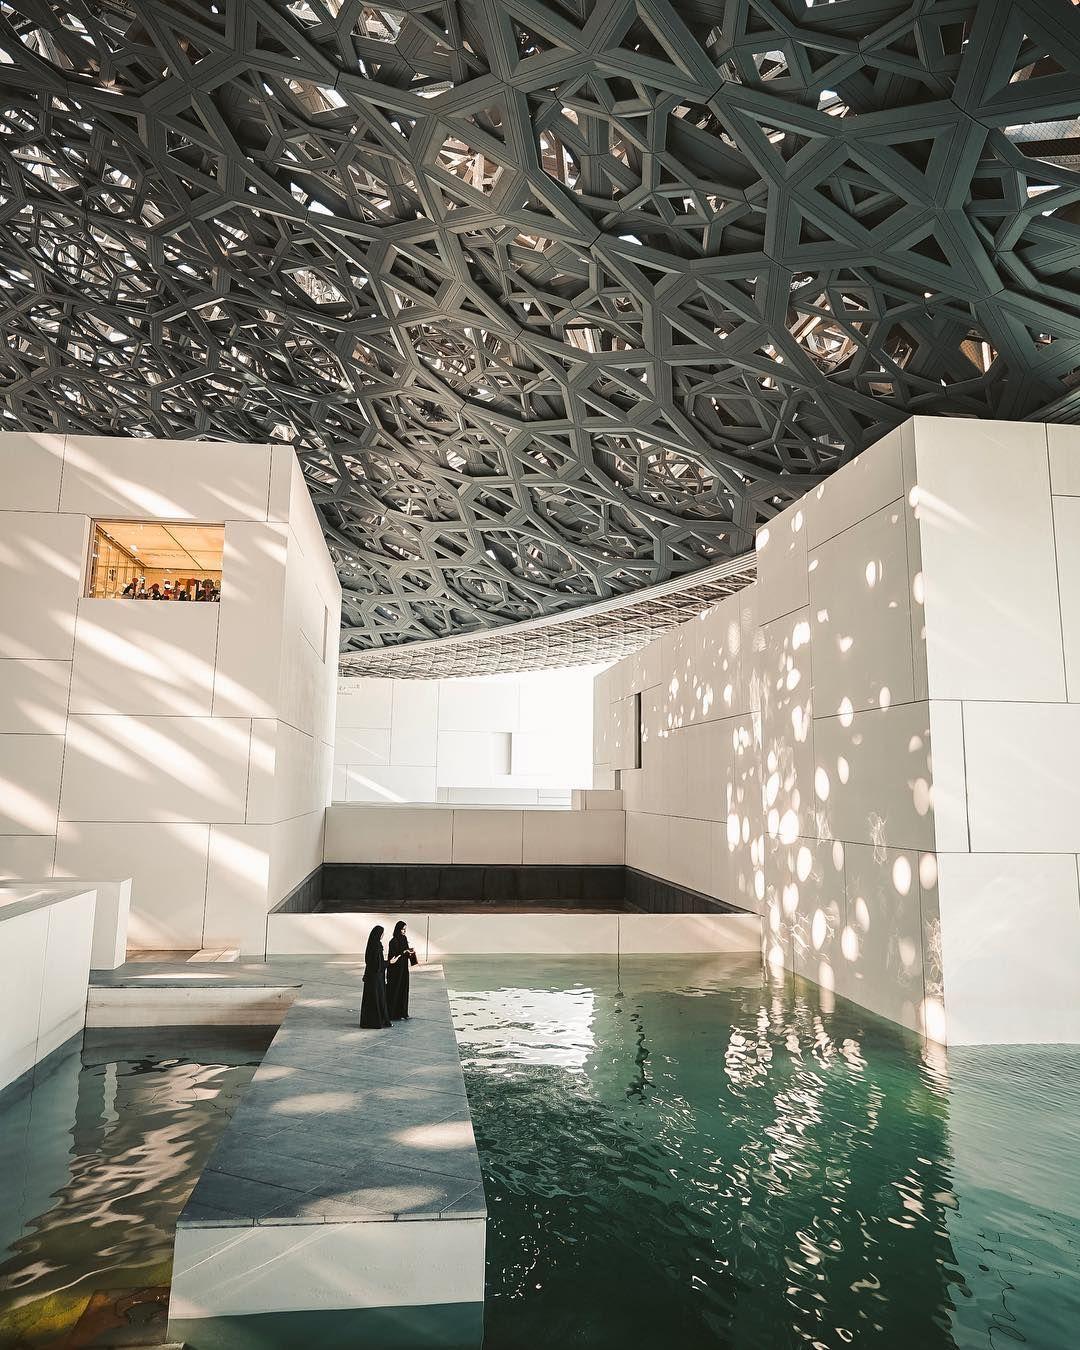 Alan Por El Mundo On Instagram El Museo Louvre De Abu Dhabi Quedo